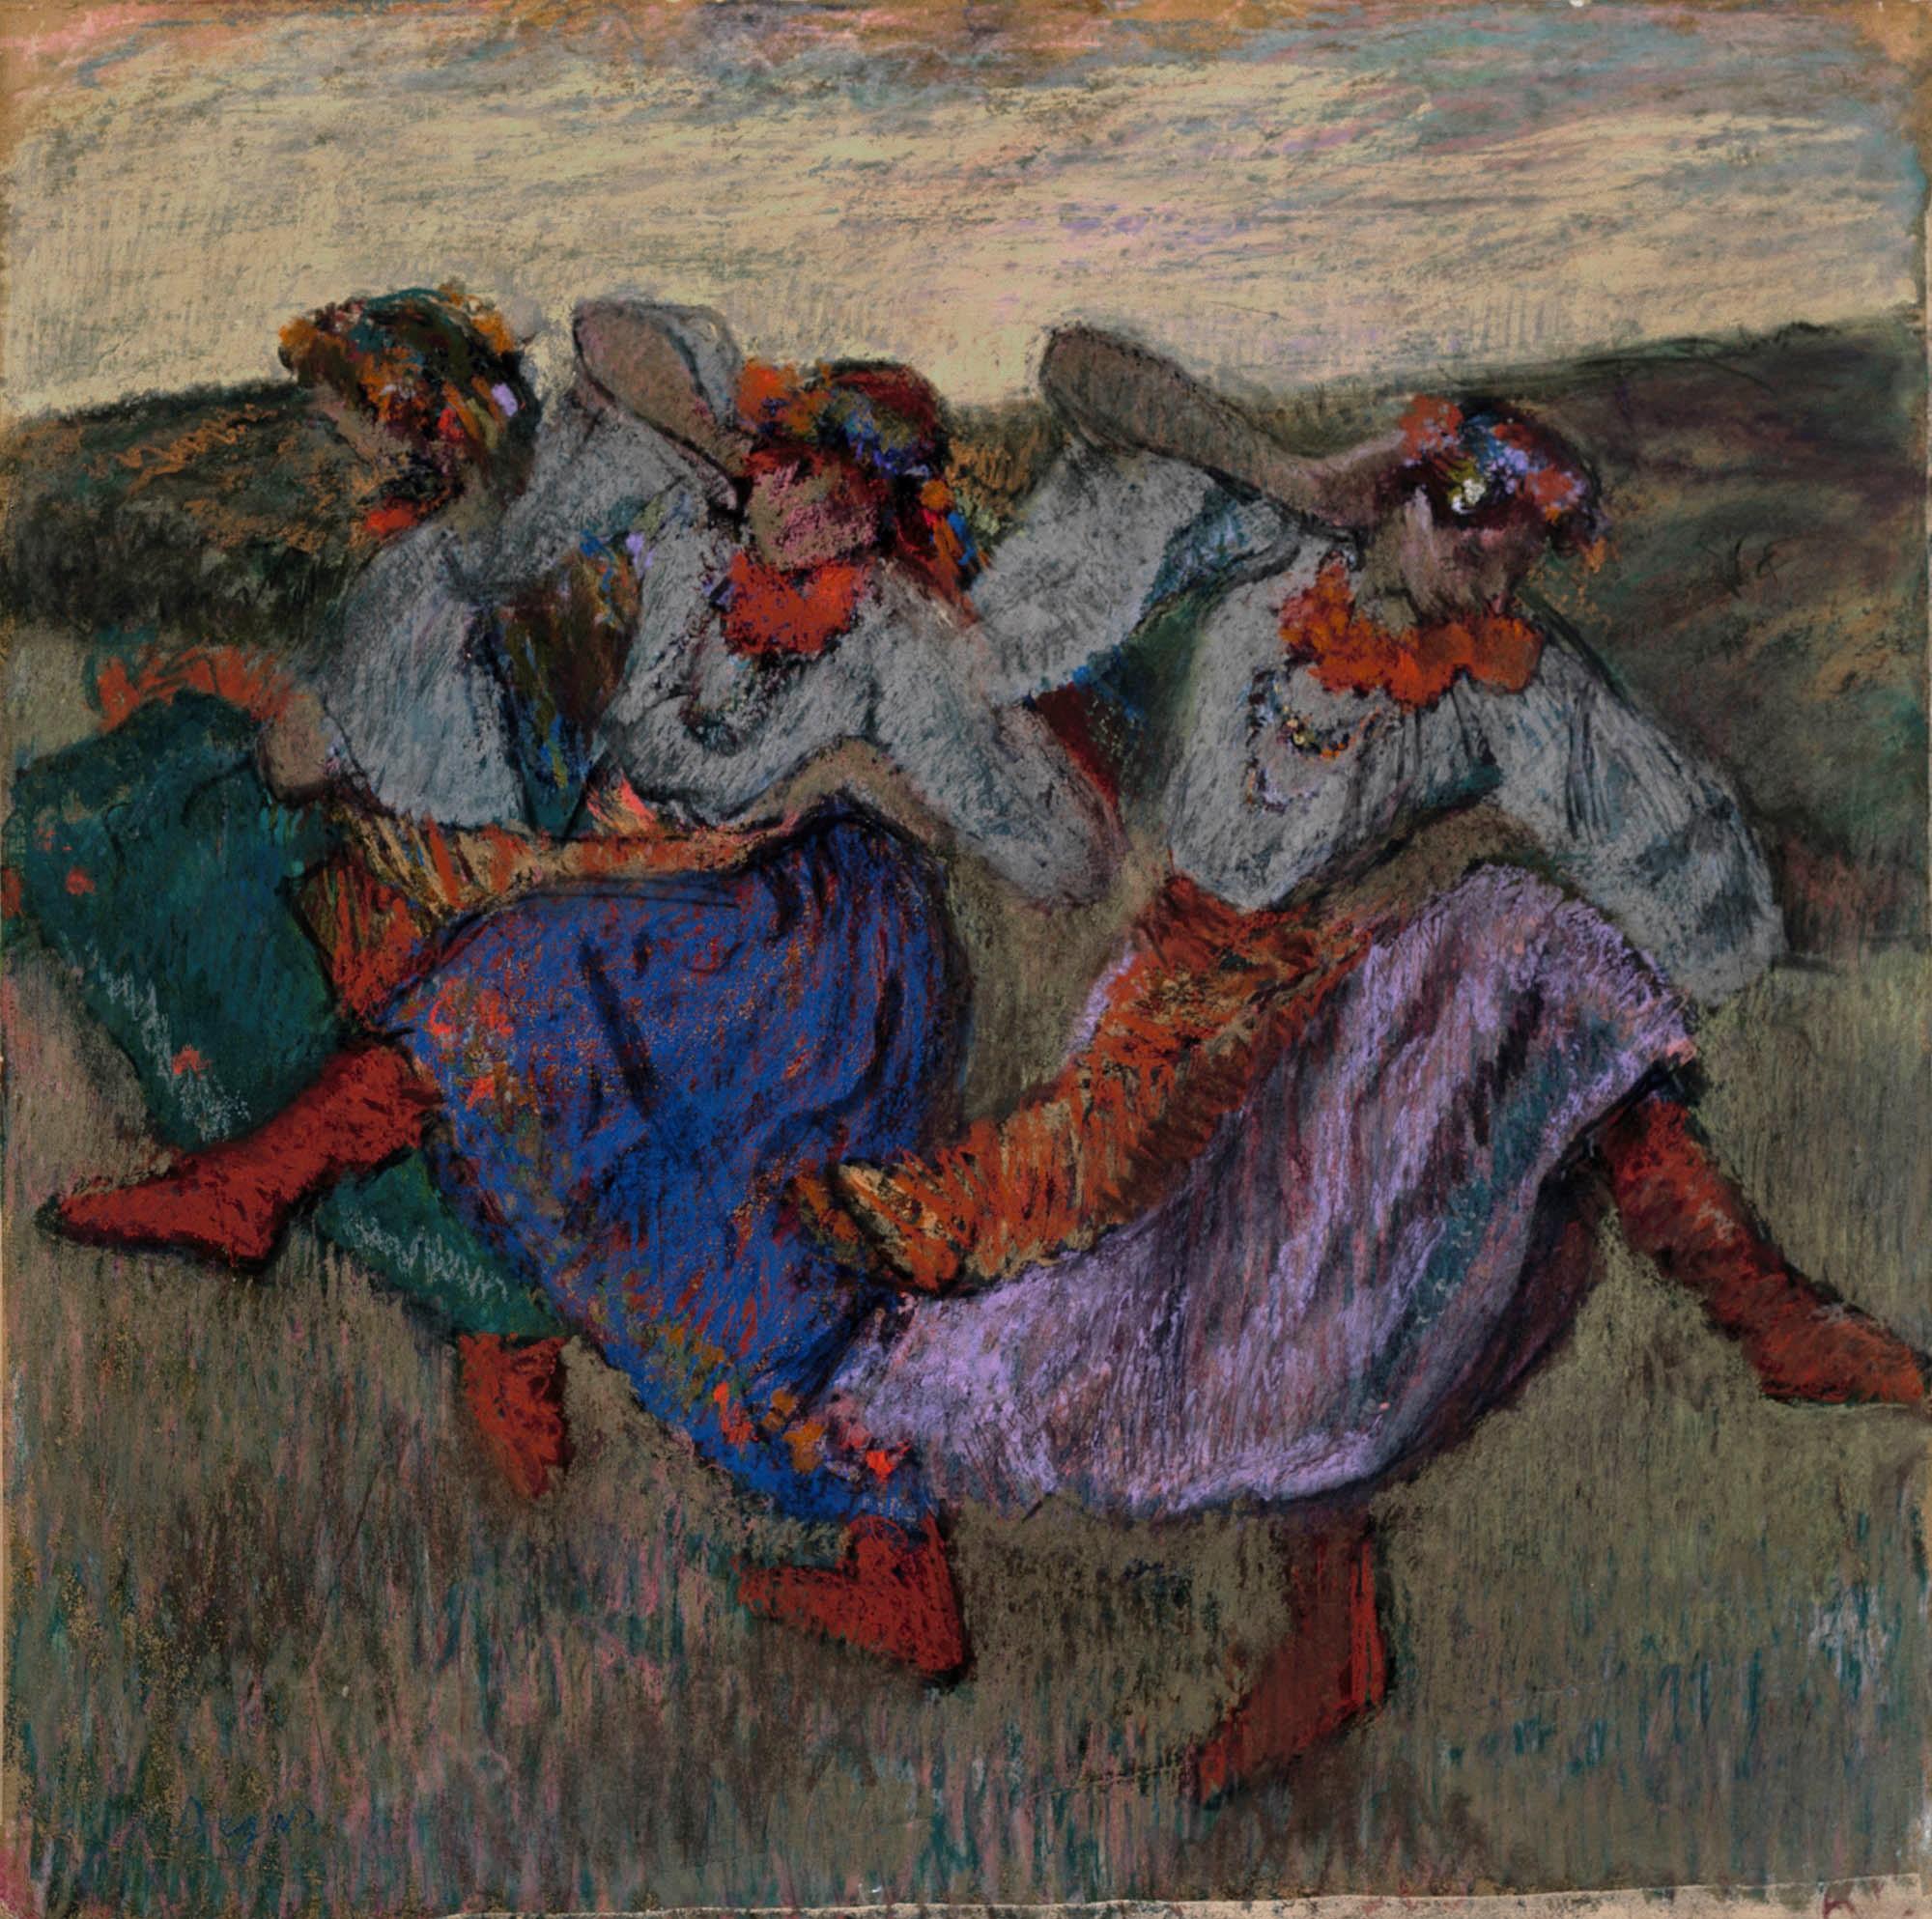 Edgar Degas, Russian Dancers, c. 1899